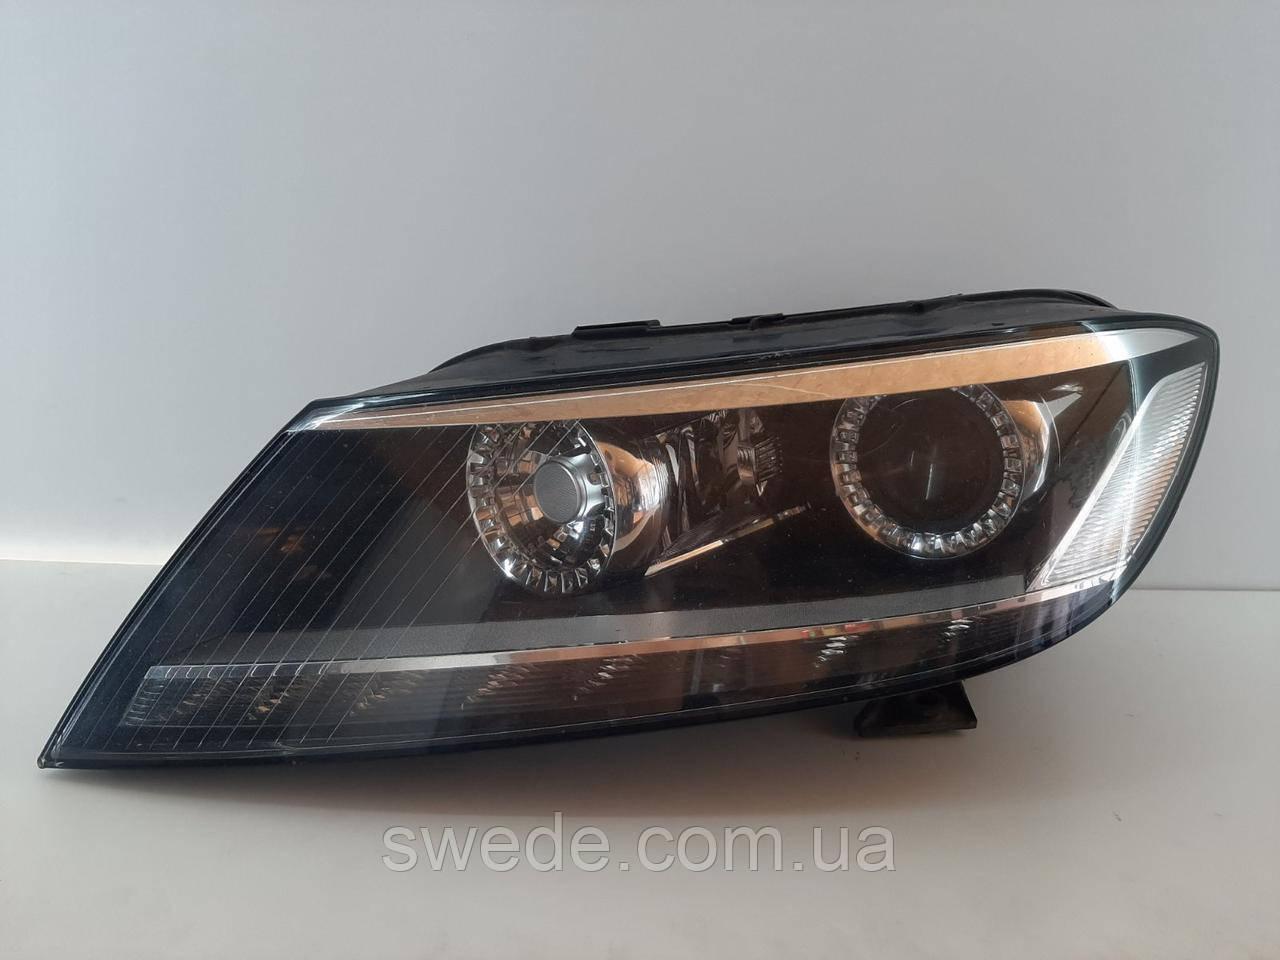 Фара левая Volkswagen Phaeton BI-XENON рестайлинг 2012 гг 3D1941751A